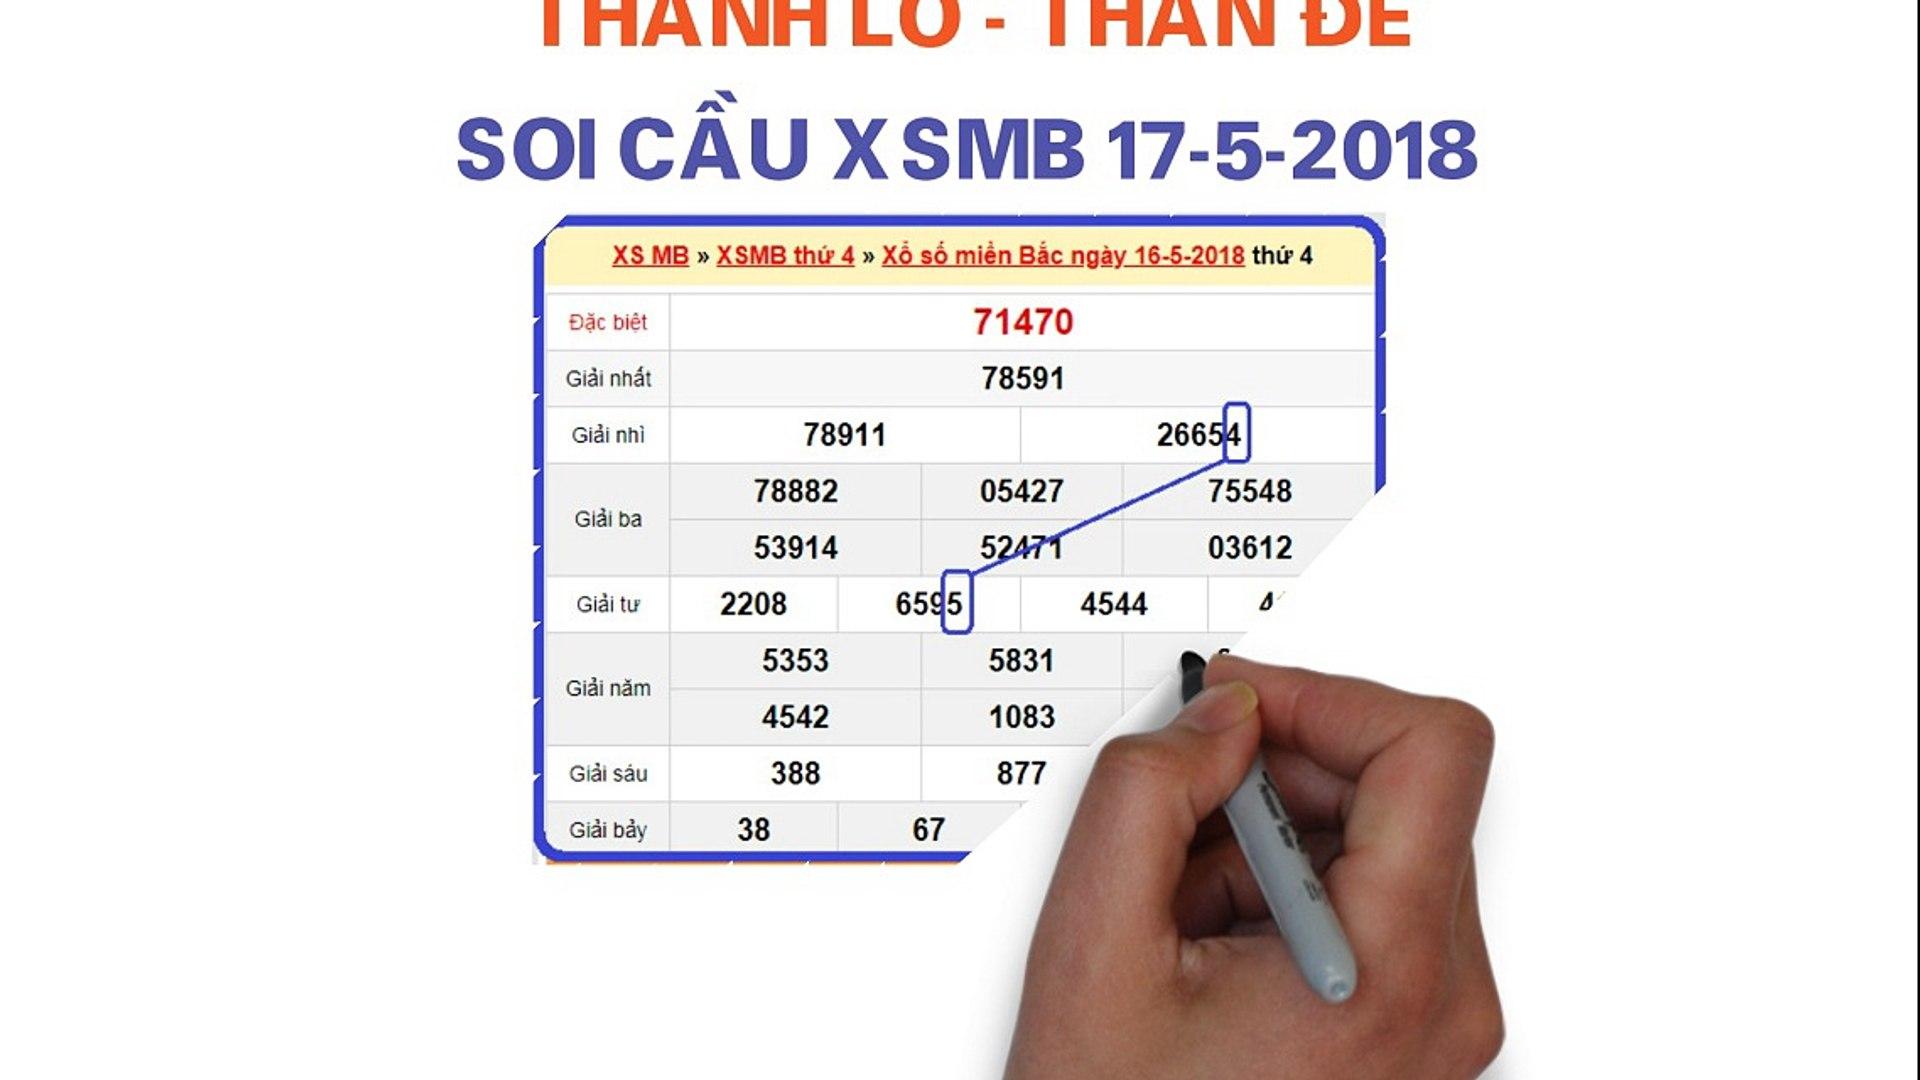 Soi cầu xsmb 18-5-2018 Dự đoán xsmb Win2888